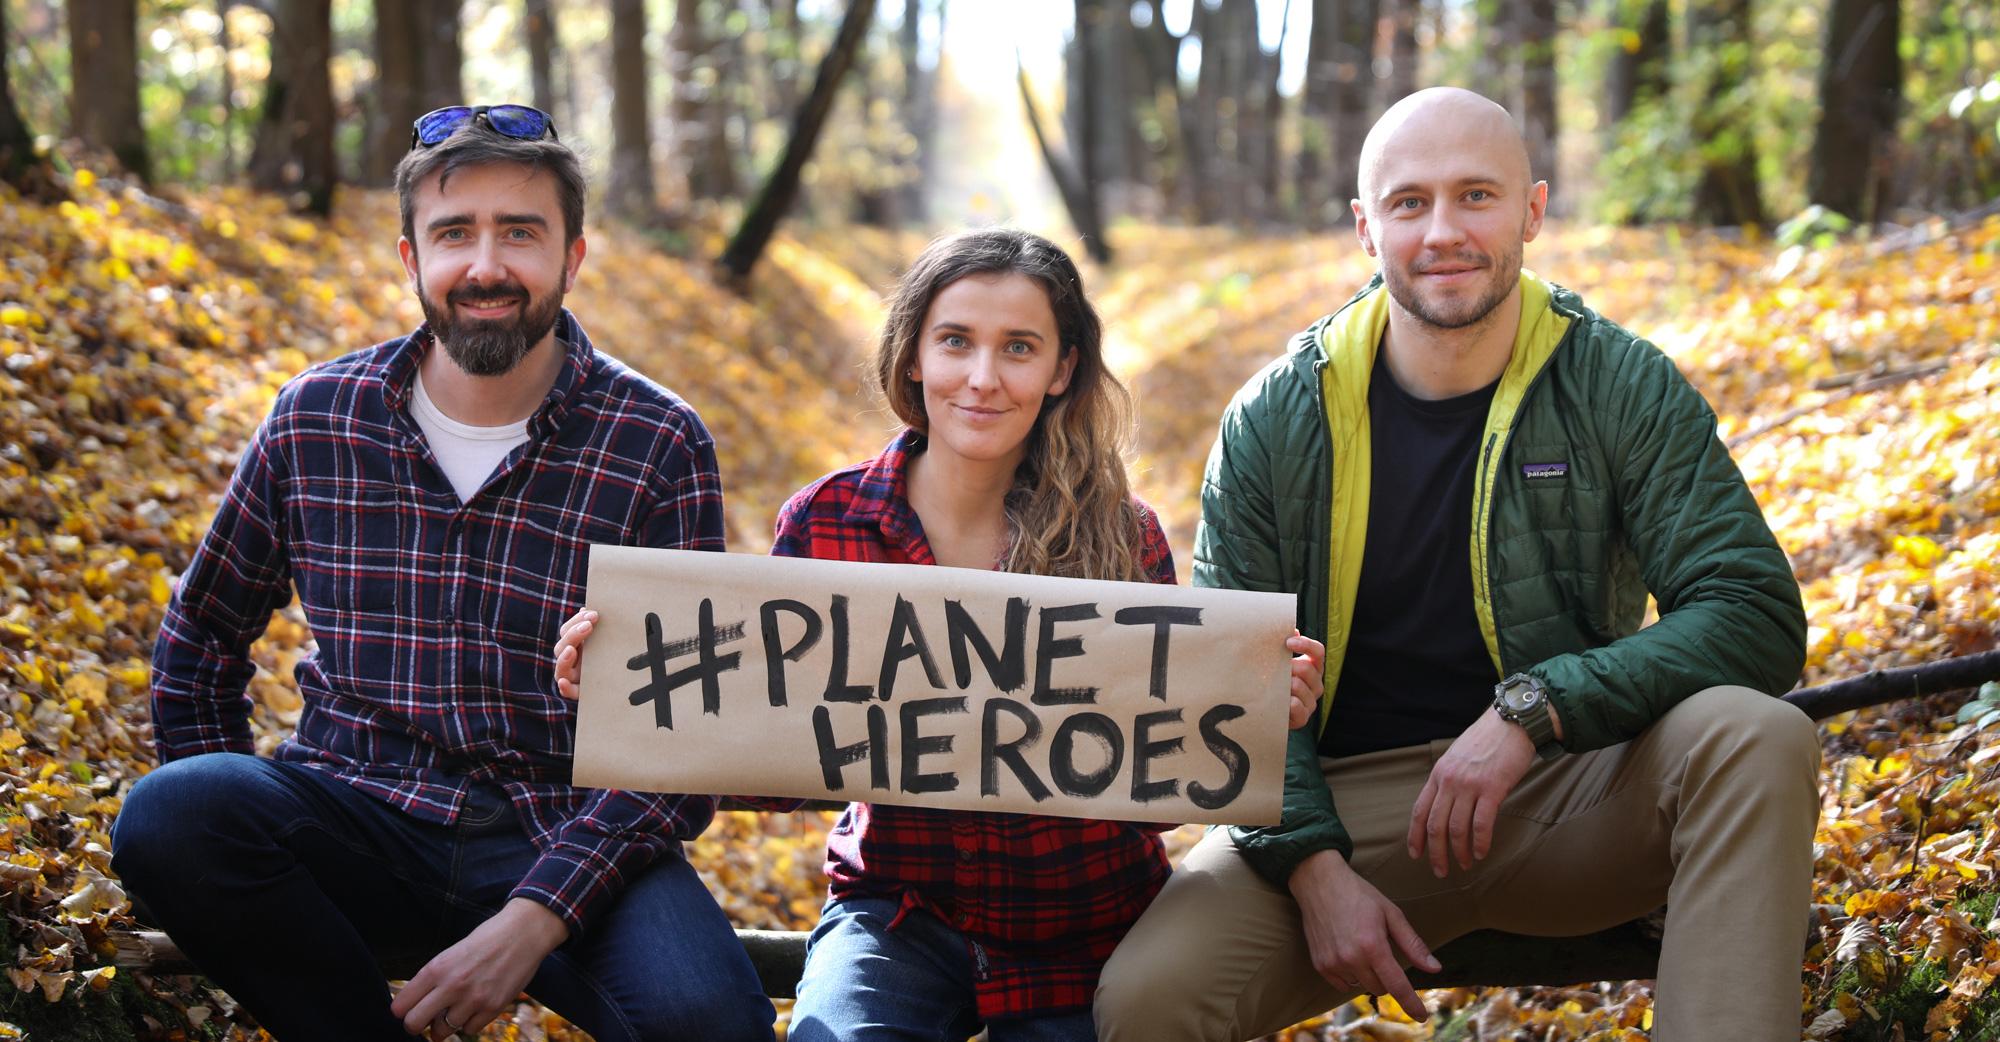 Planet Heros team.jpg